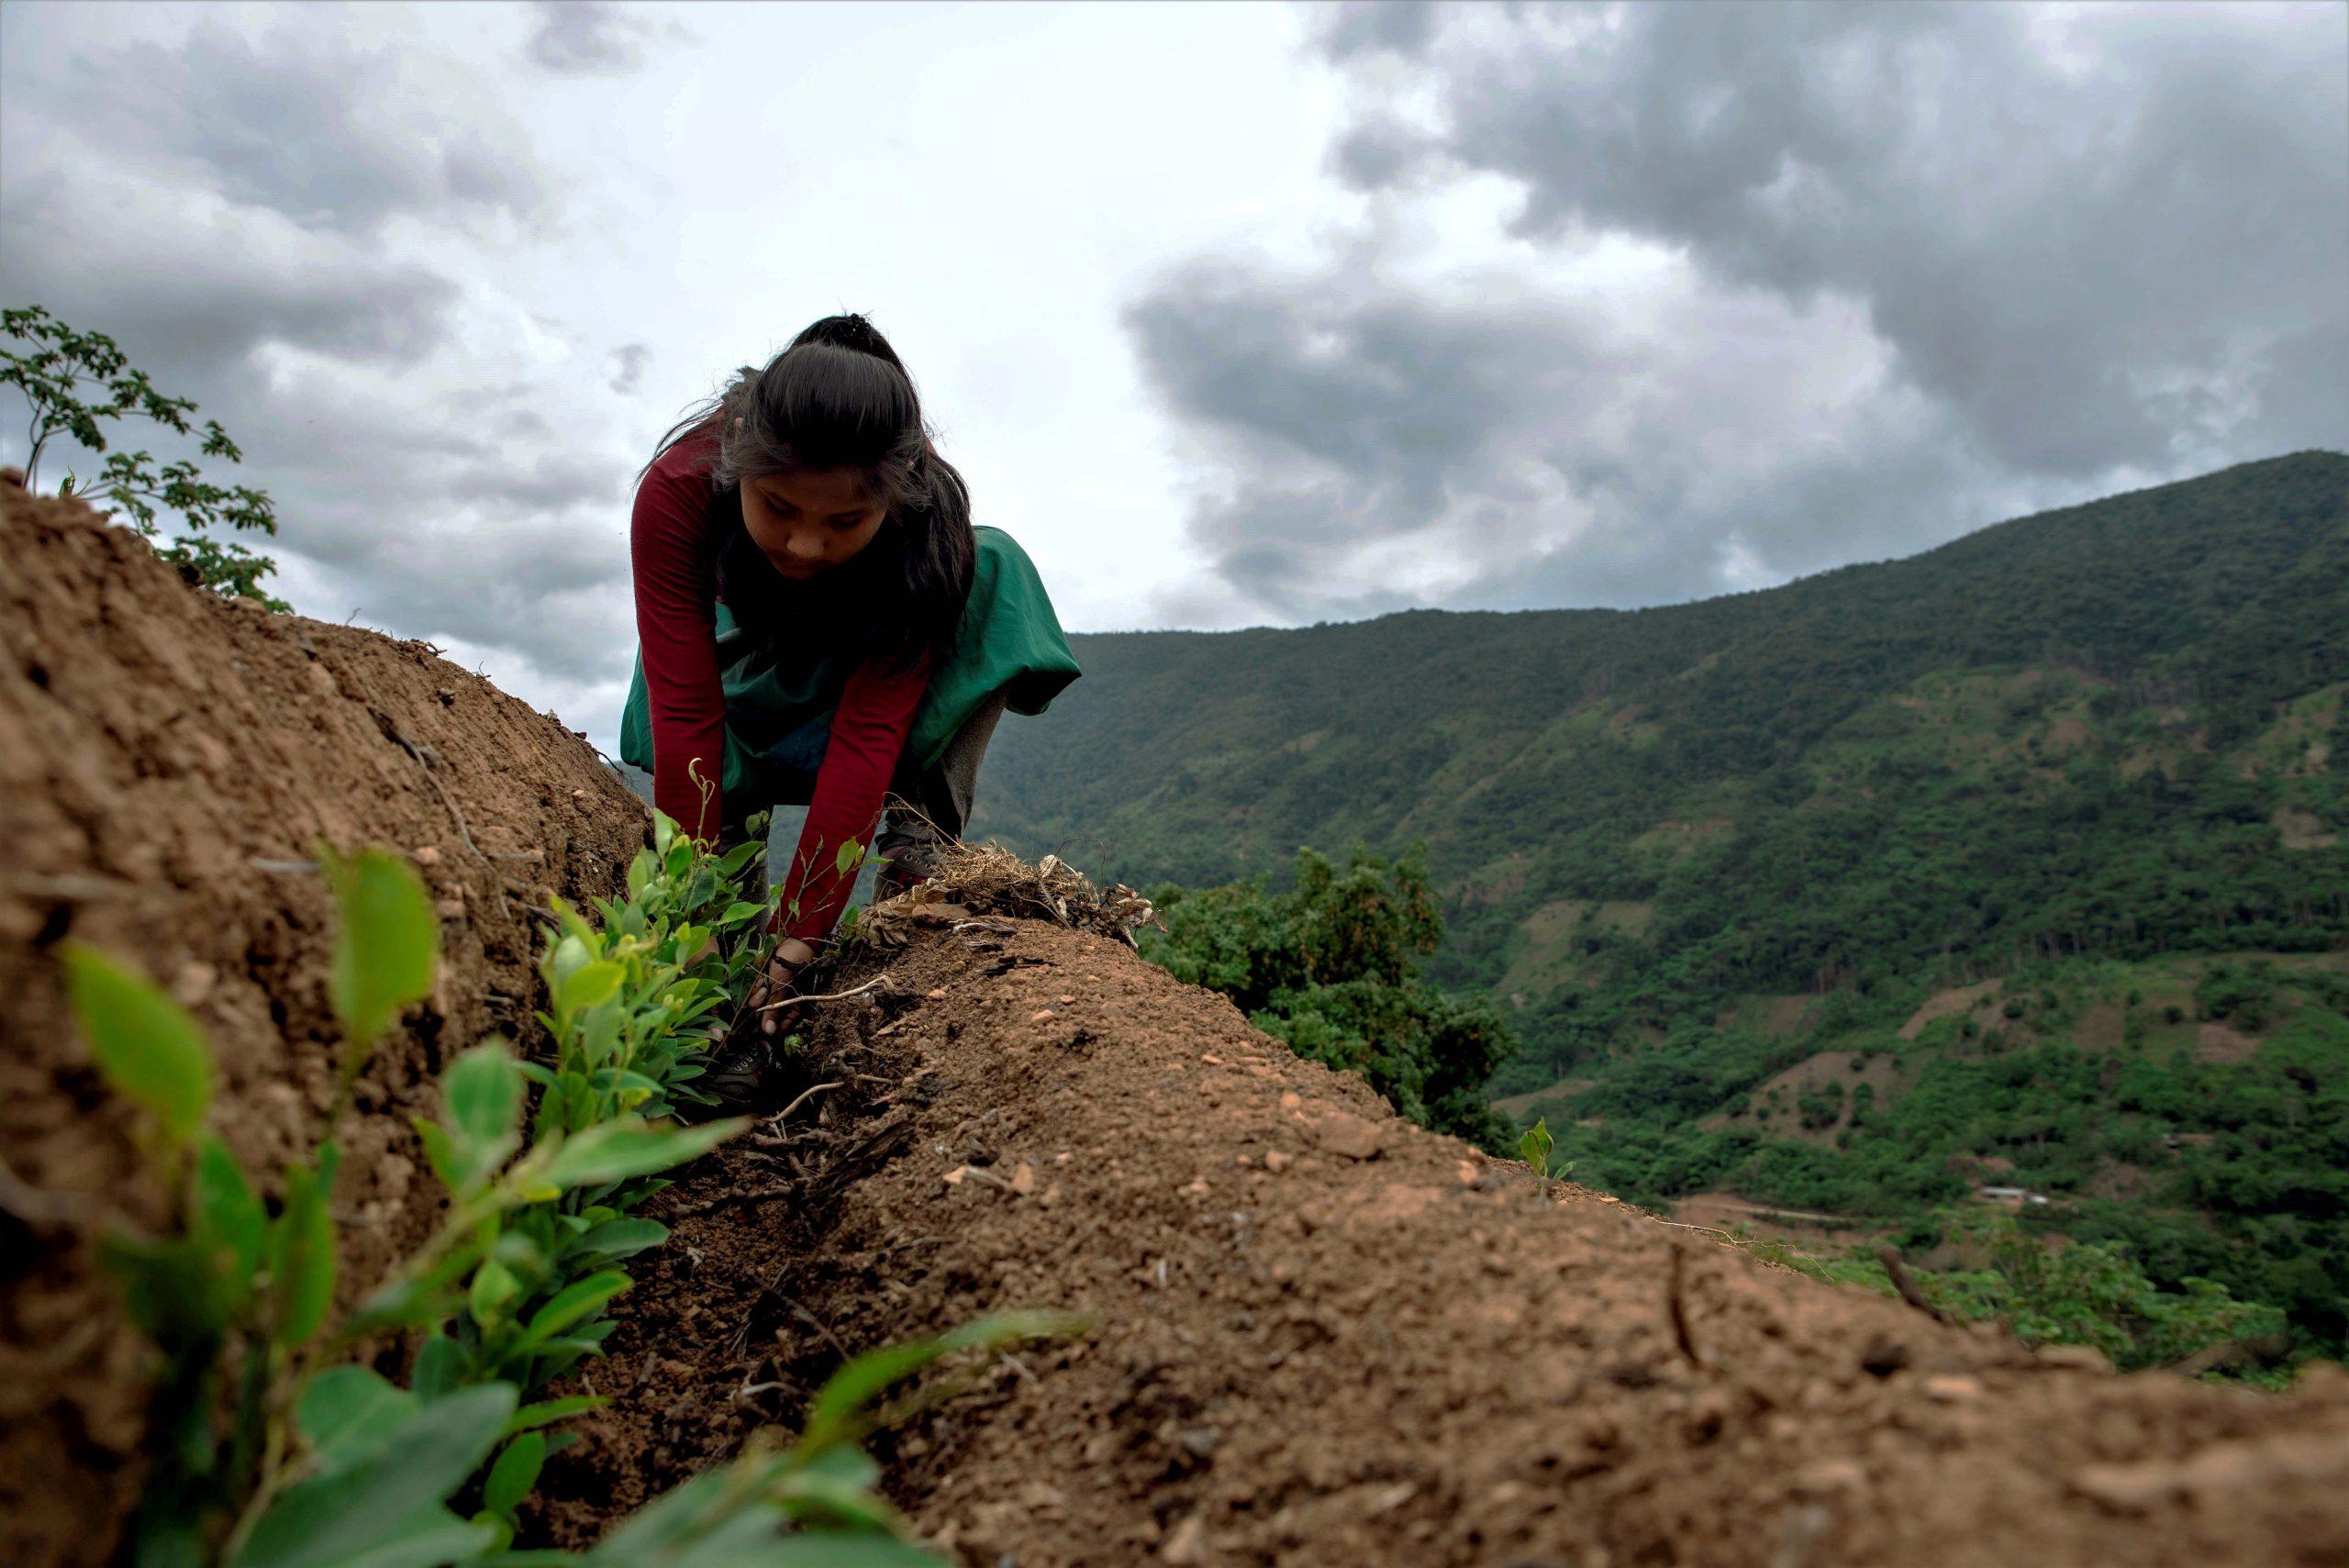 Ensayo fotográfico: Mujeres cultivadoras de hoja de coca, historias de lucha y resiliencia